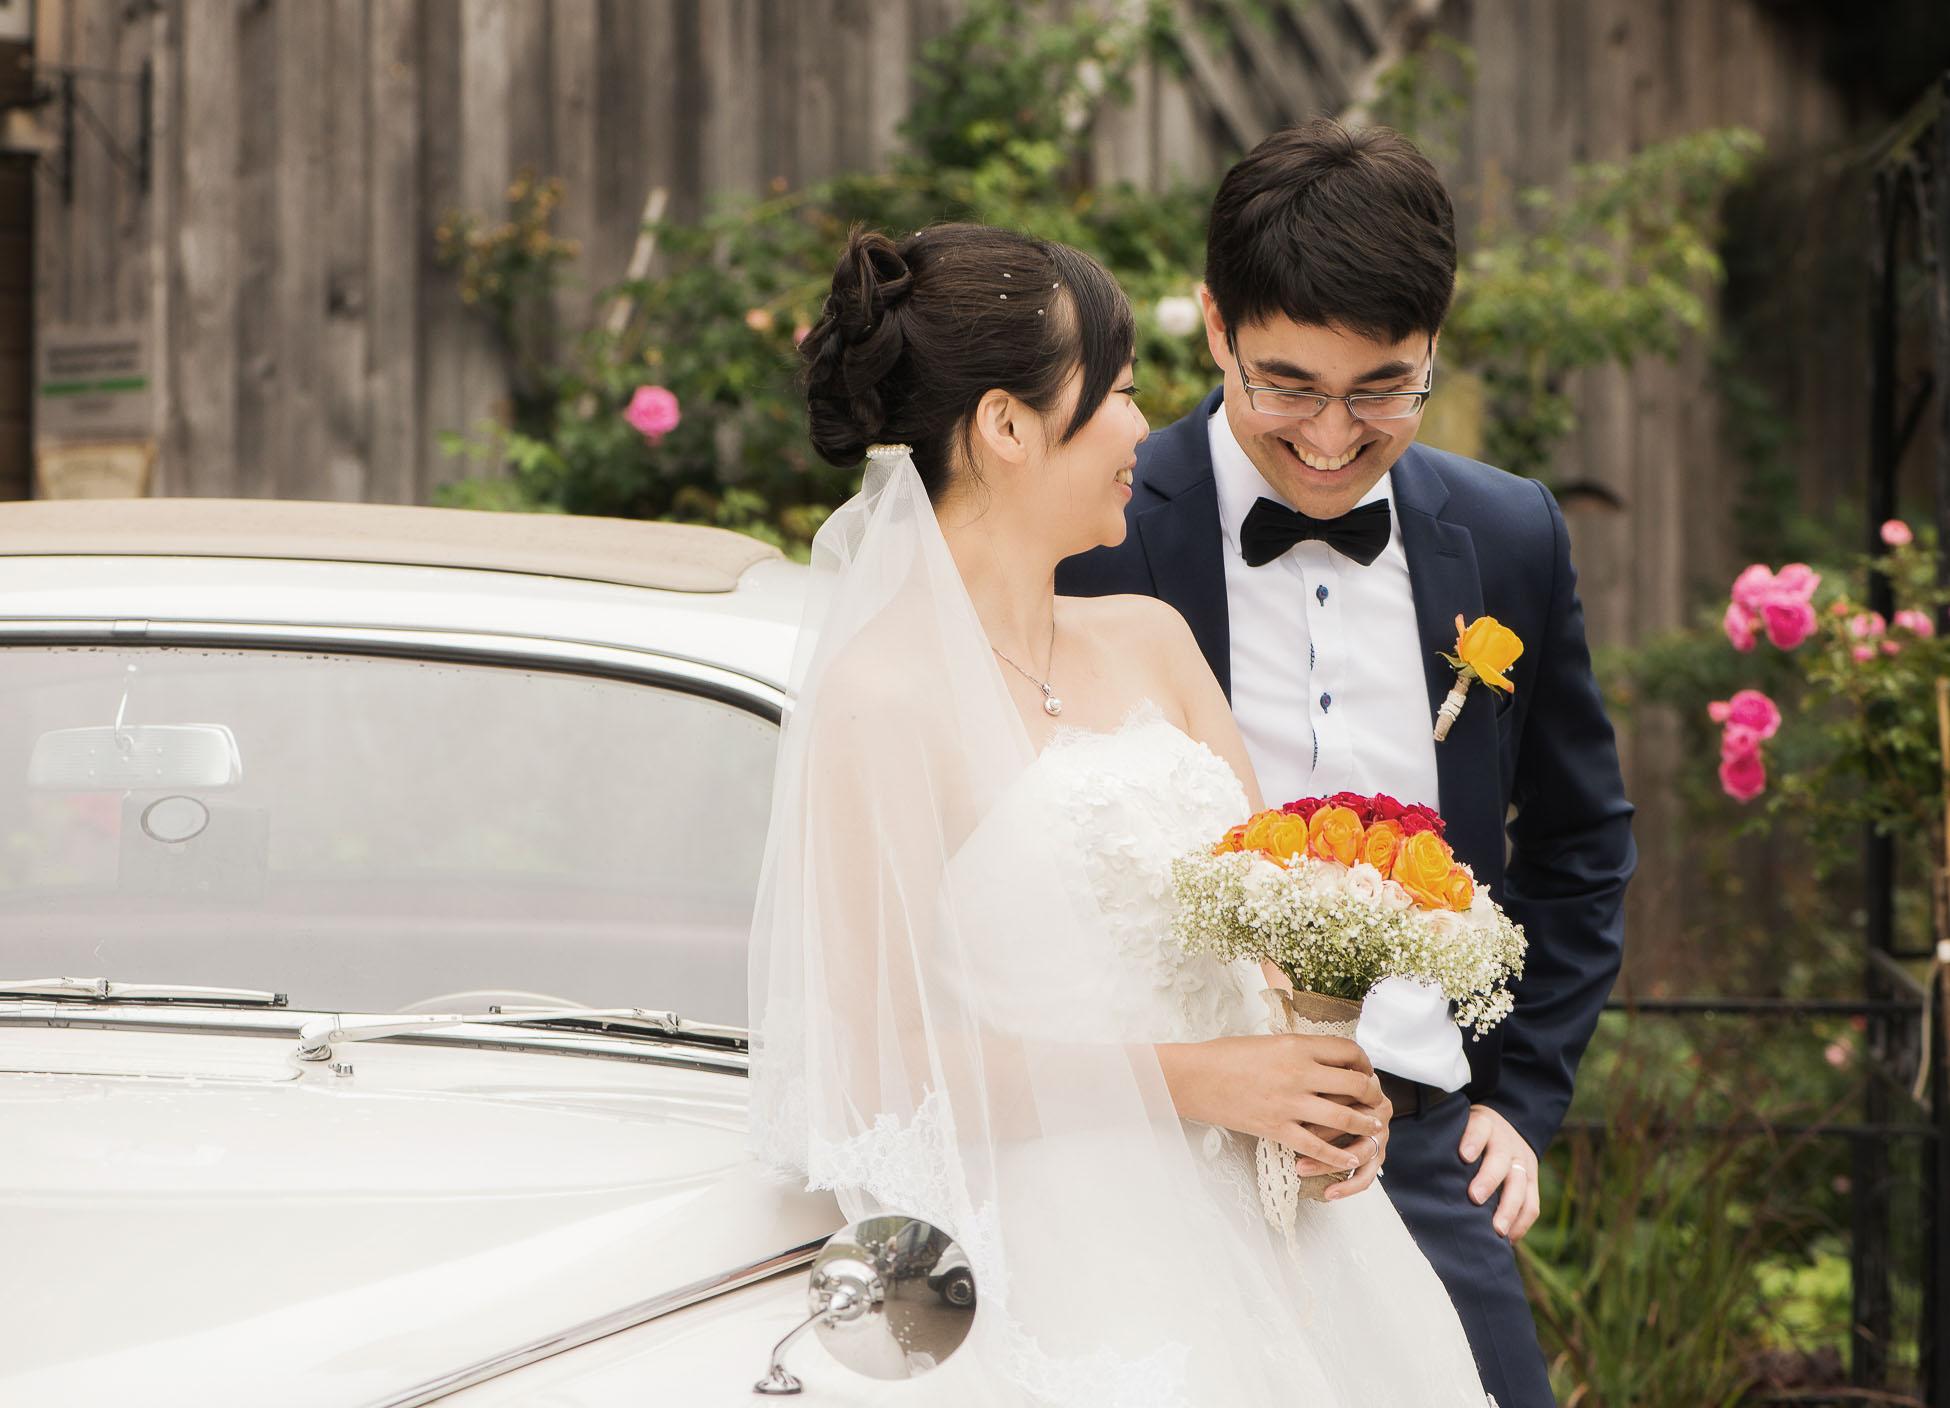 Hochzeitsreportage_WibkeSommer26